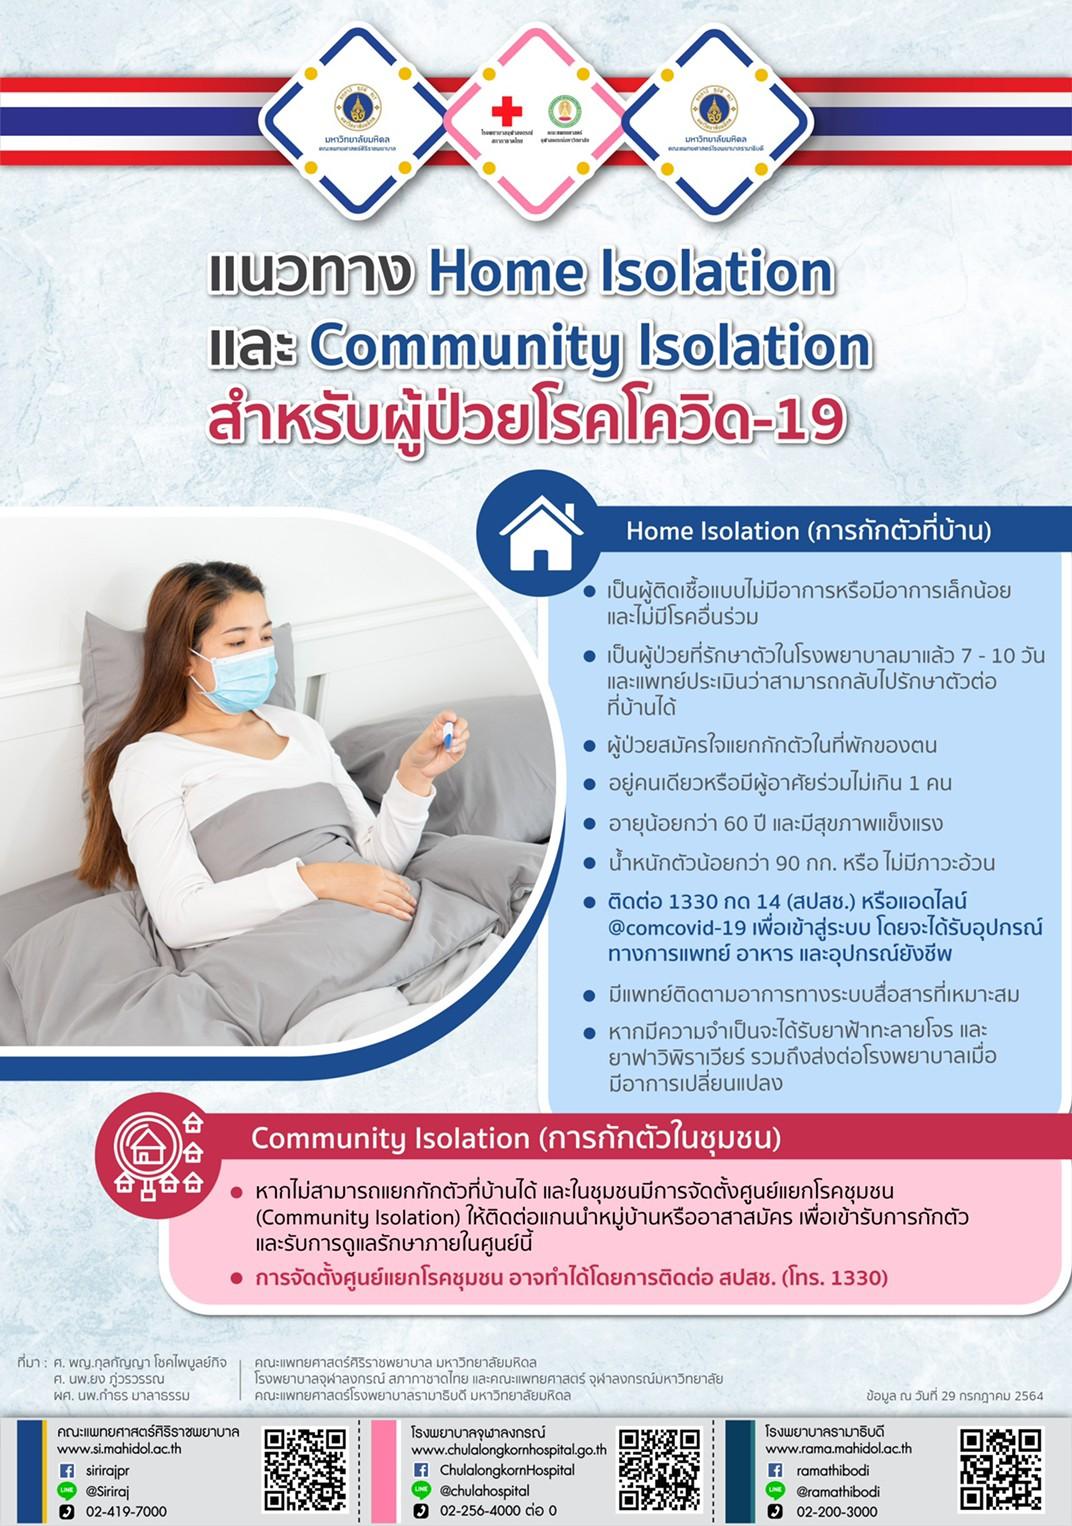 แนวทาง Home Isolationและ Community Isolationสำหรับผู้ป่วยโรคโควิด-19